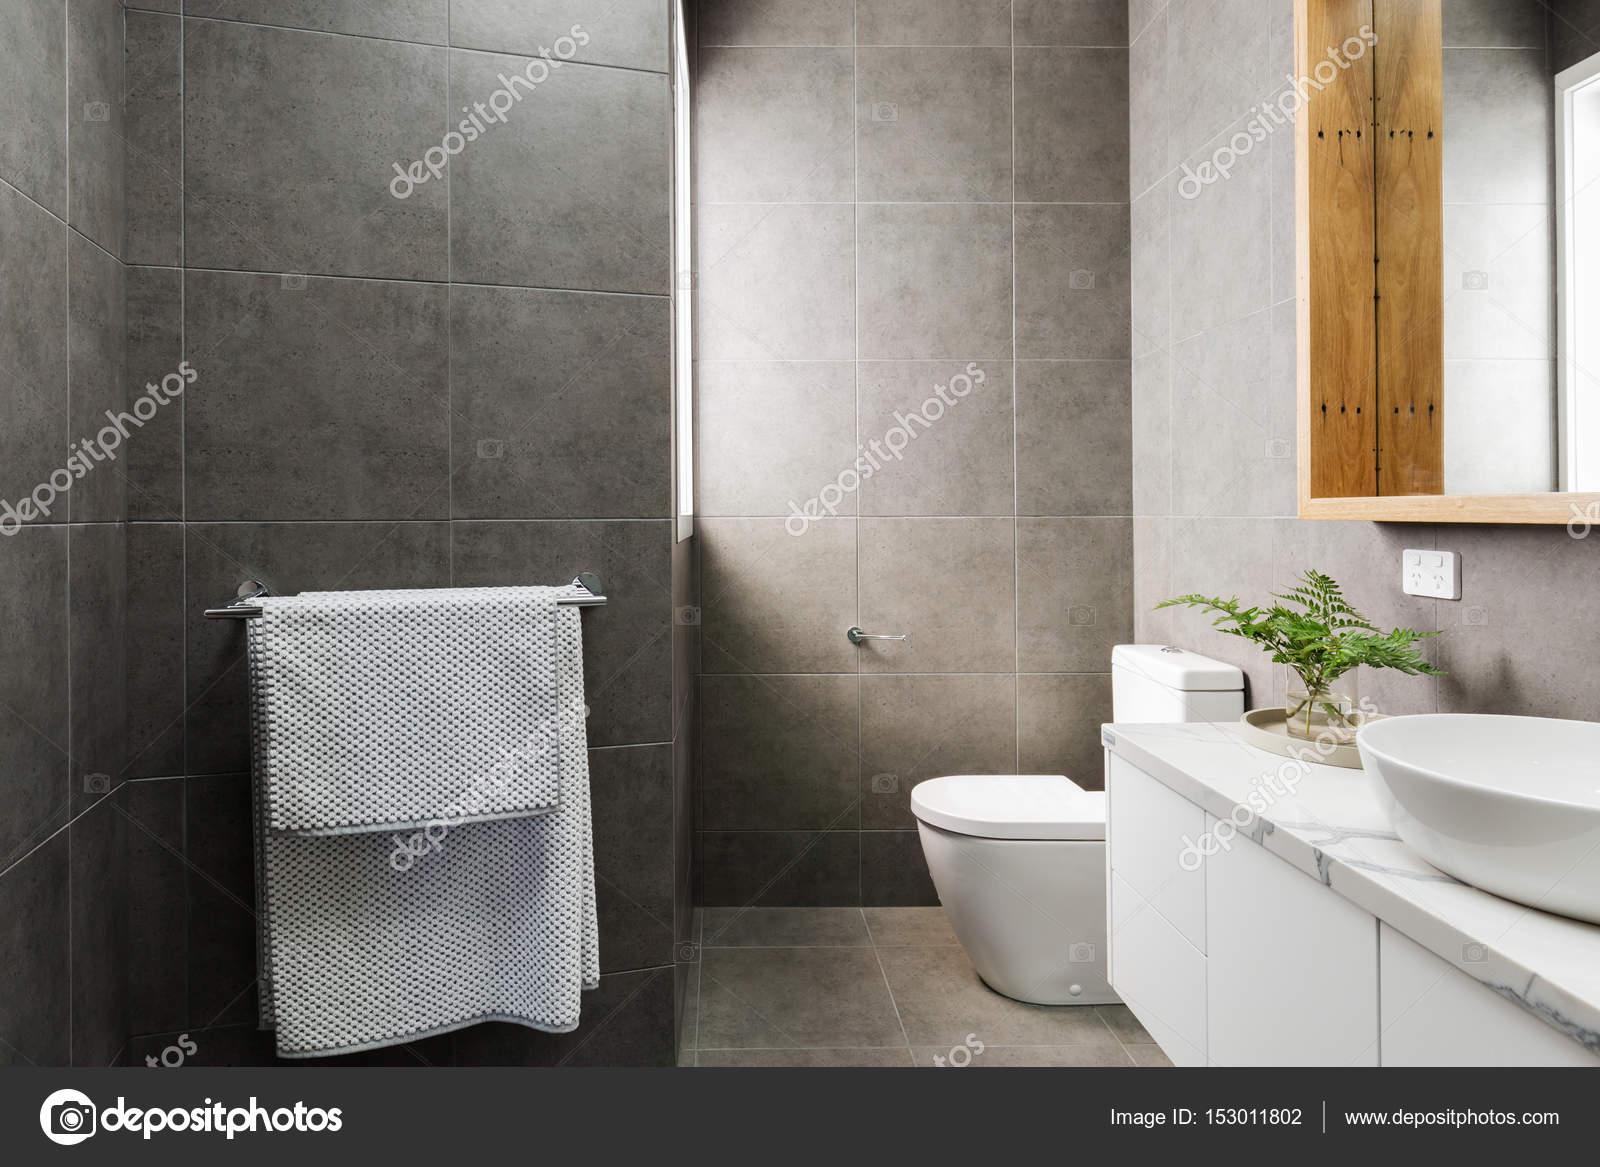 Houtskool grijs badkamer met marmeren benctop — Stockfoto ...